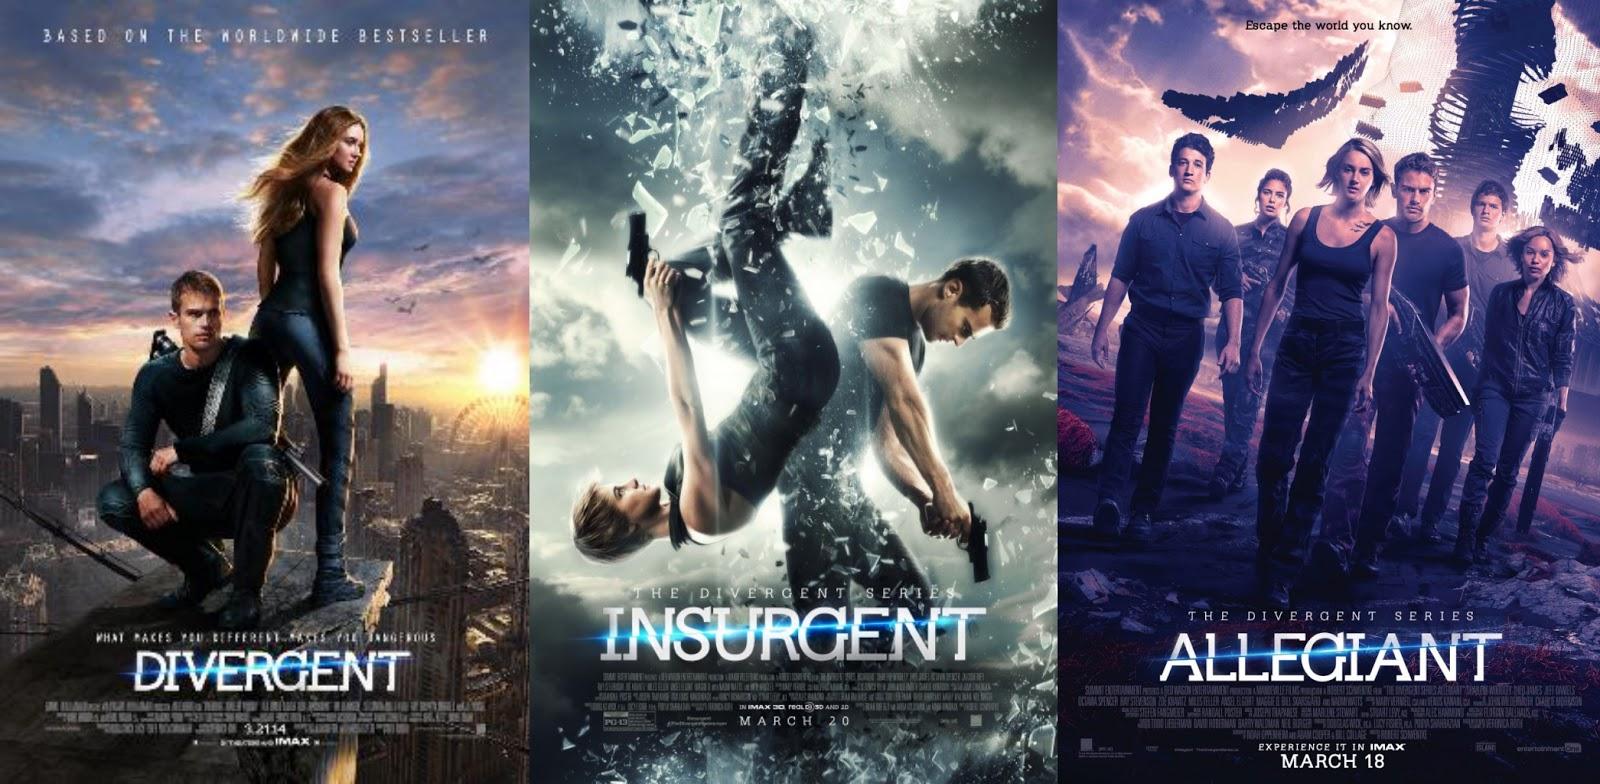 Divergent Insurgent Allegiant